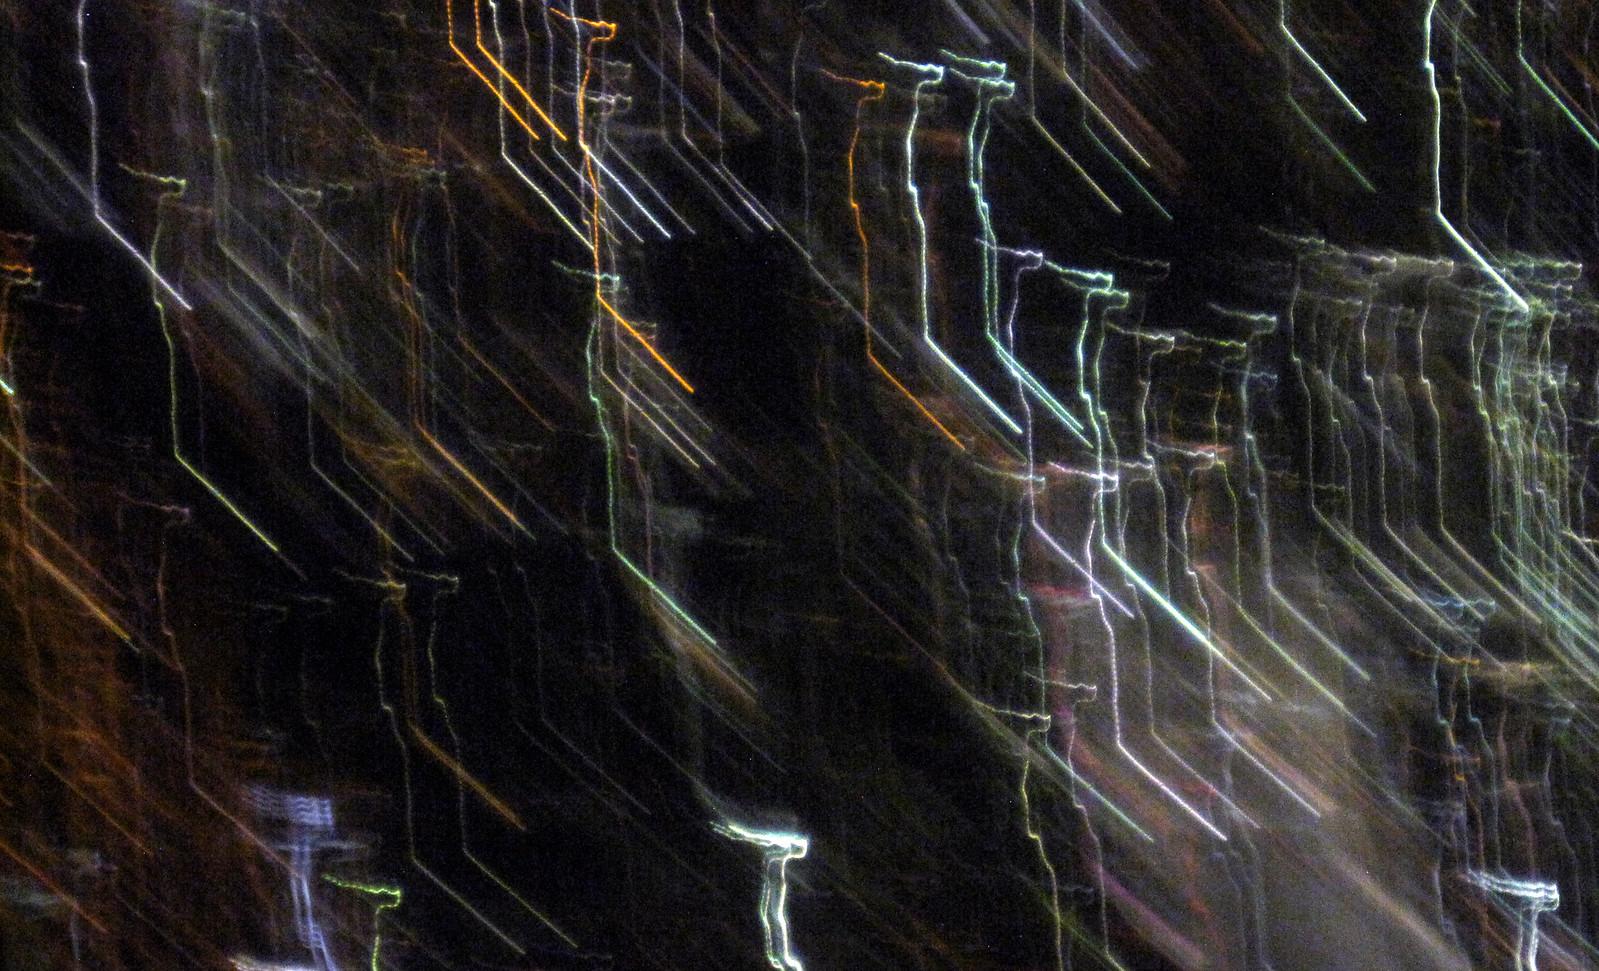 Aérea nocturna 17